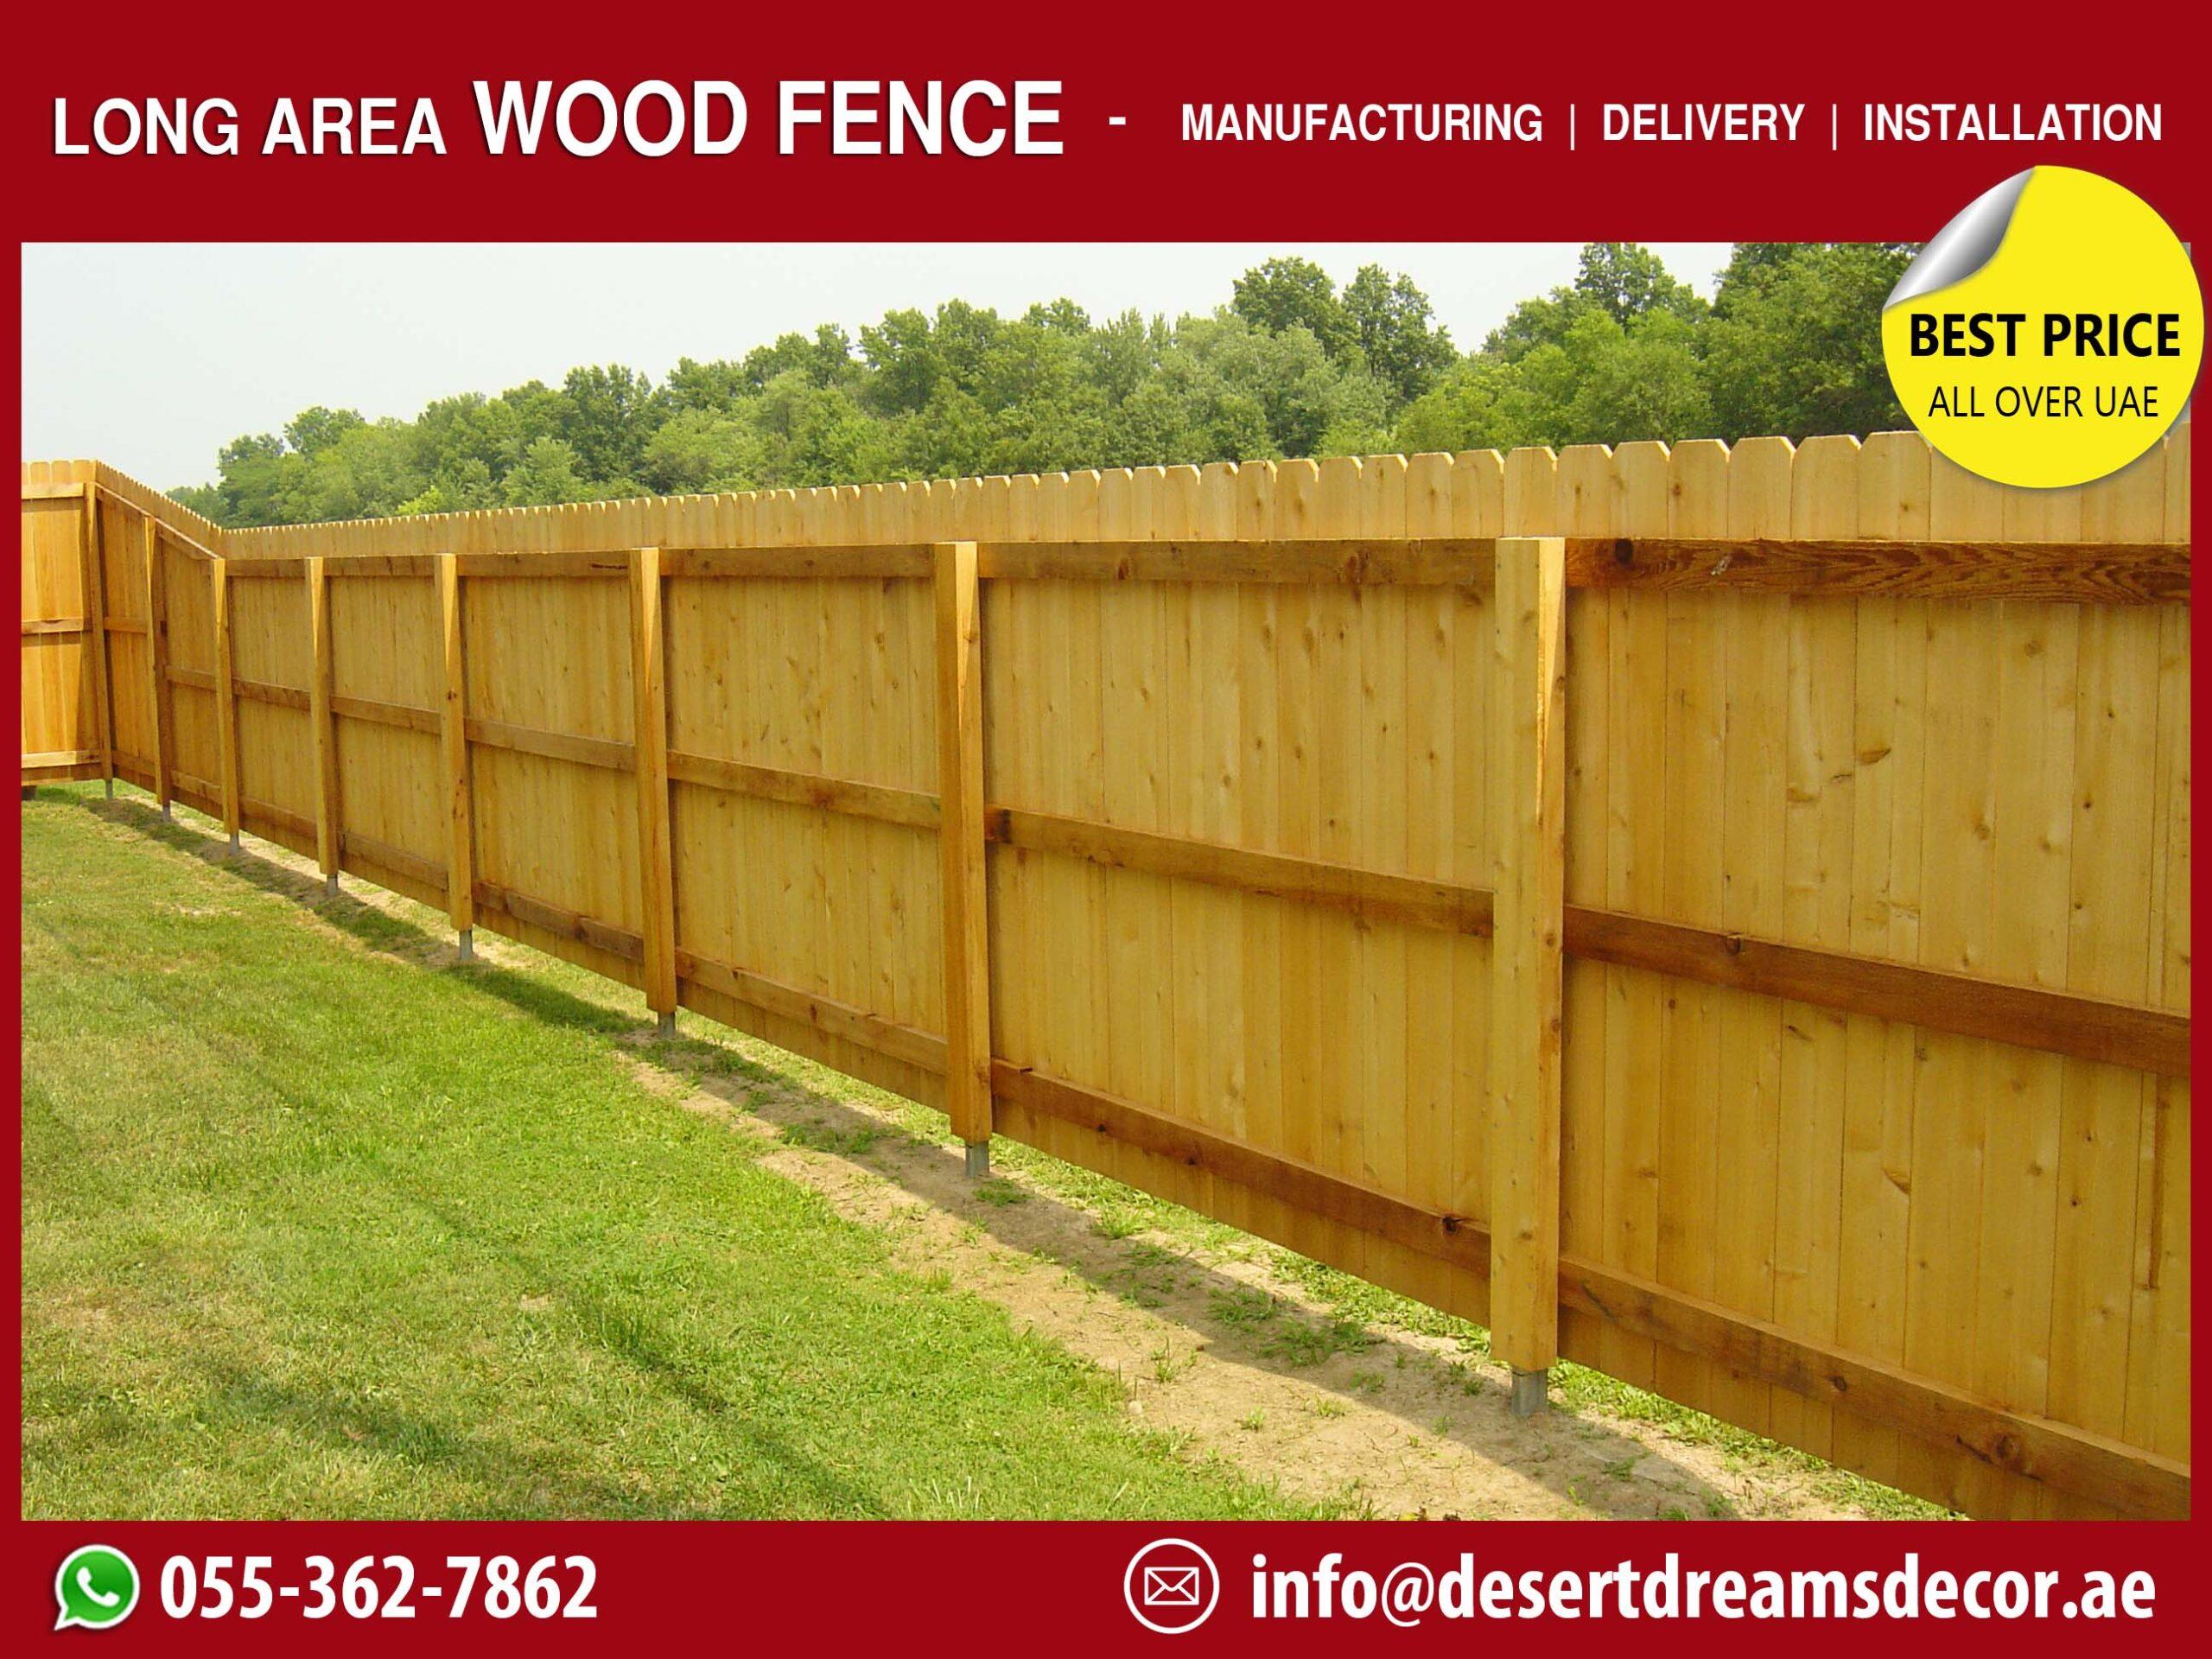 Long Area Wooden Fences in UAE.jpg